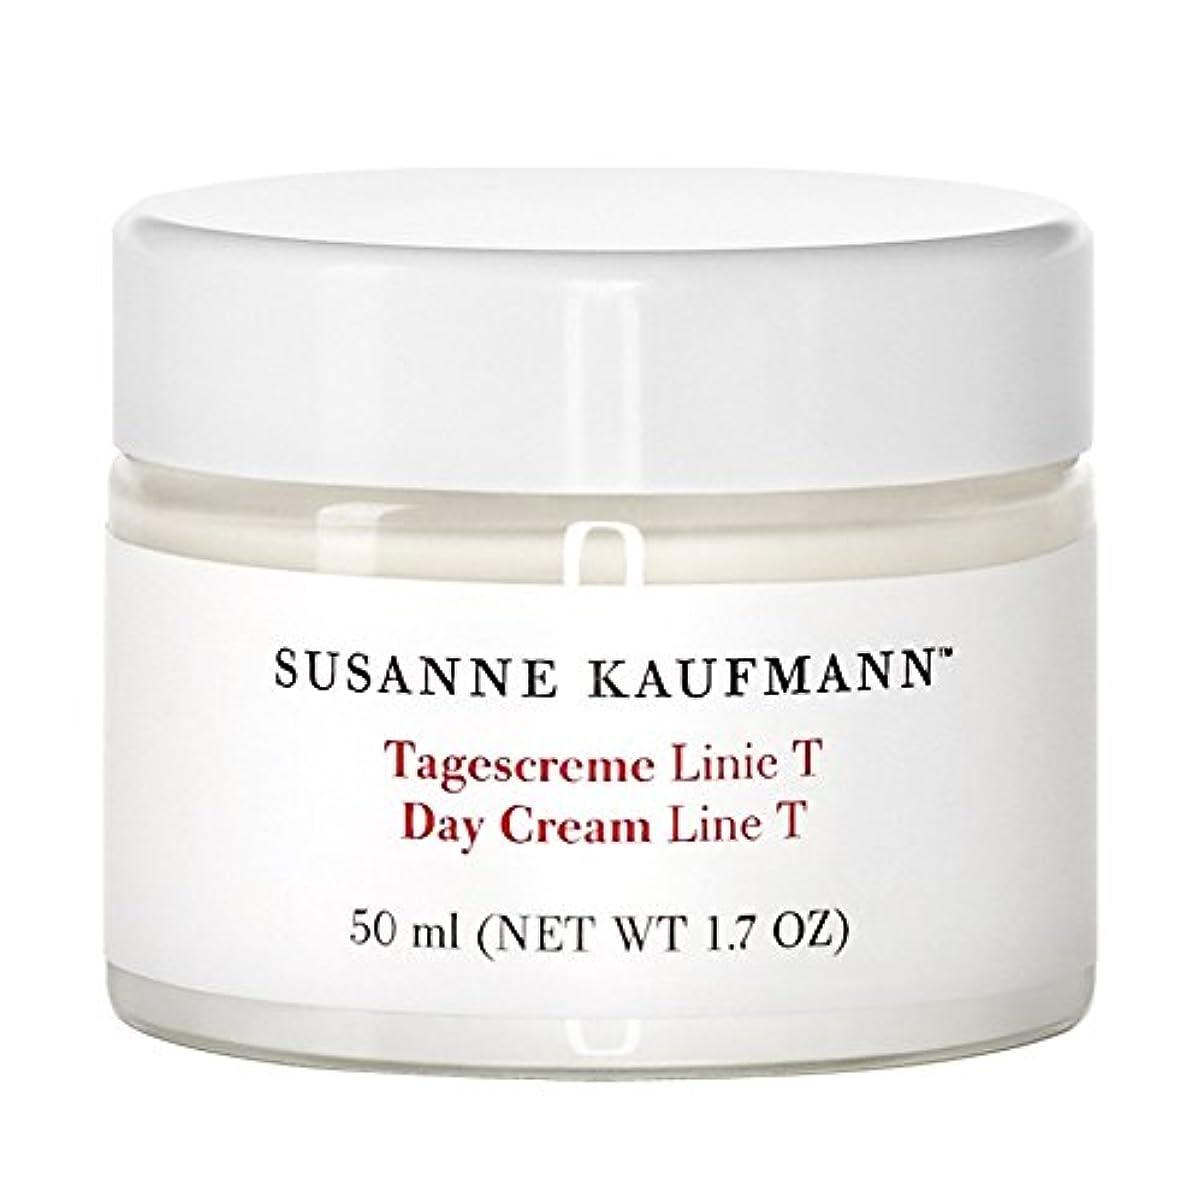 承認する評価可能振りかけるスザンヌカウフマン日クリームライントンの50ミリリットル x2 - Susanne Kaufmann Day Cream Line T 50ml (Pack of 2) [並行輸入品]